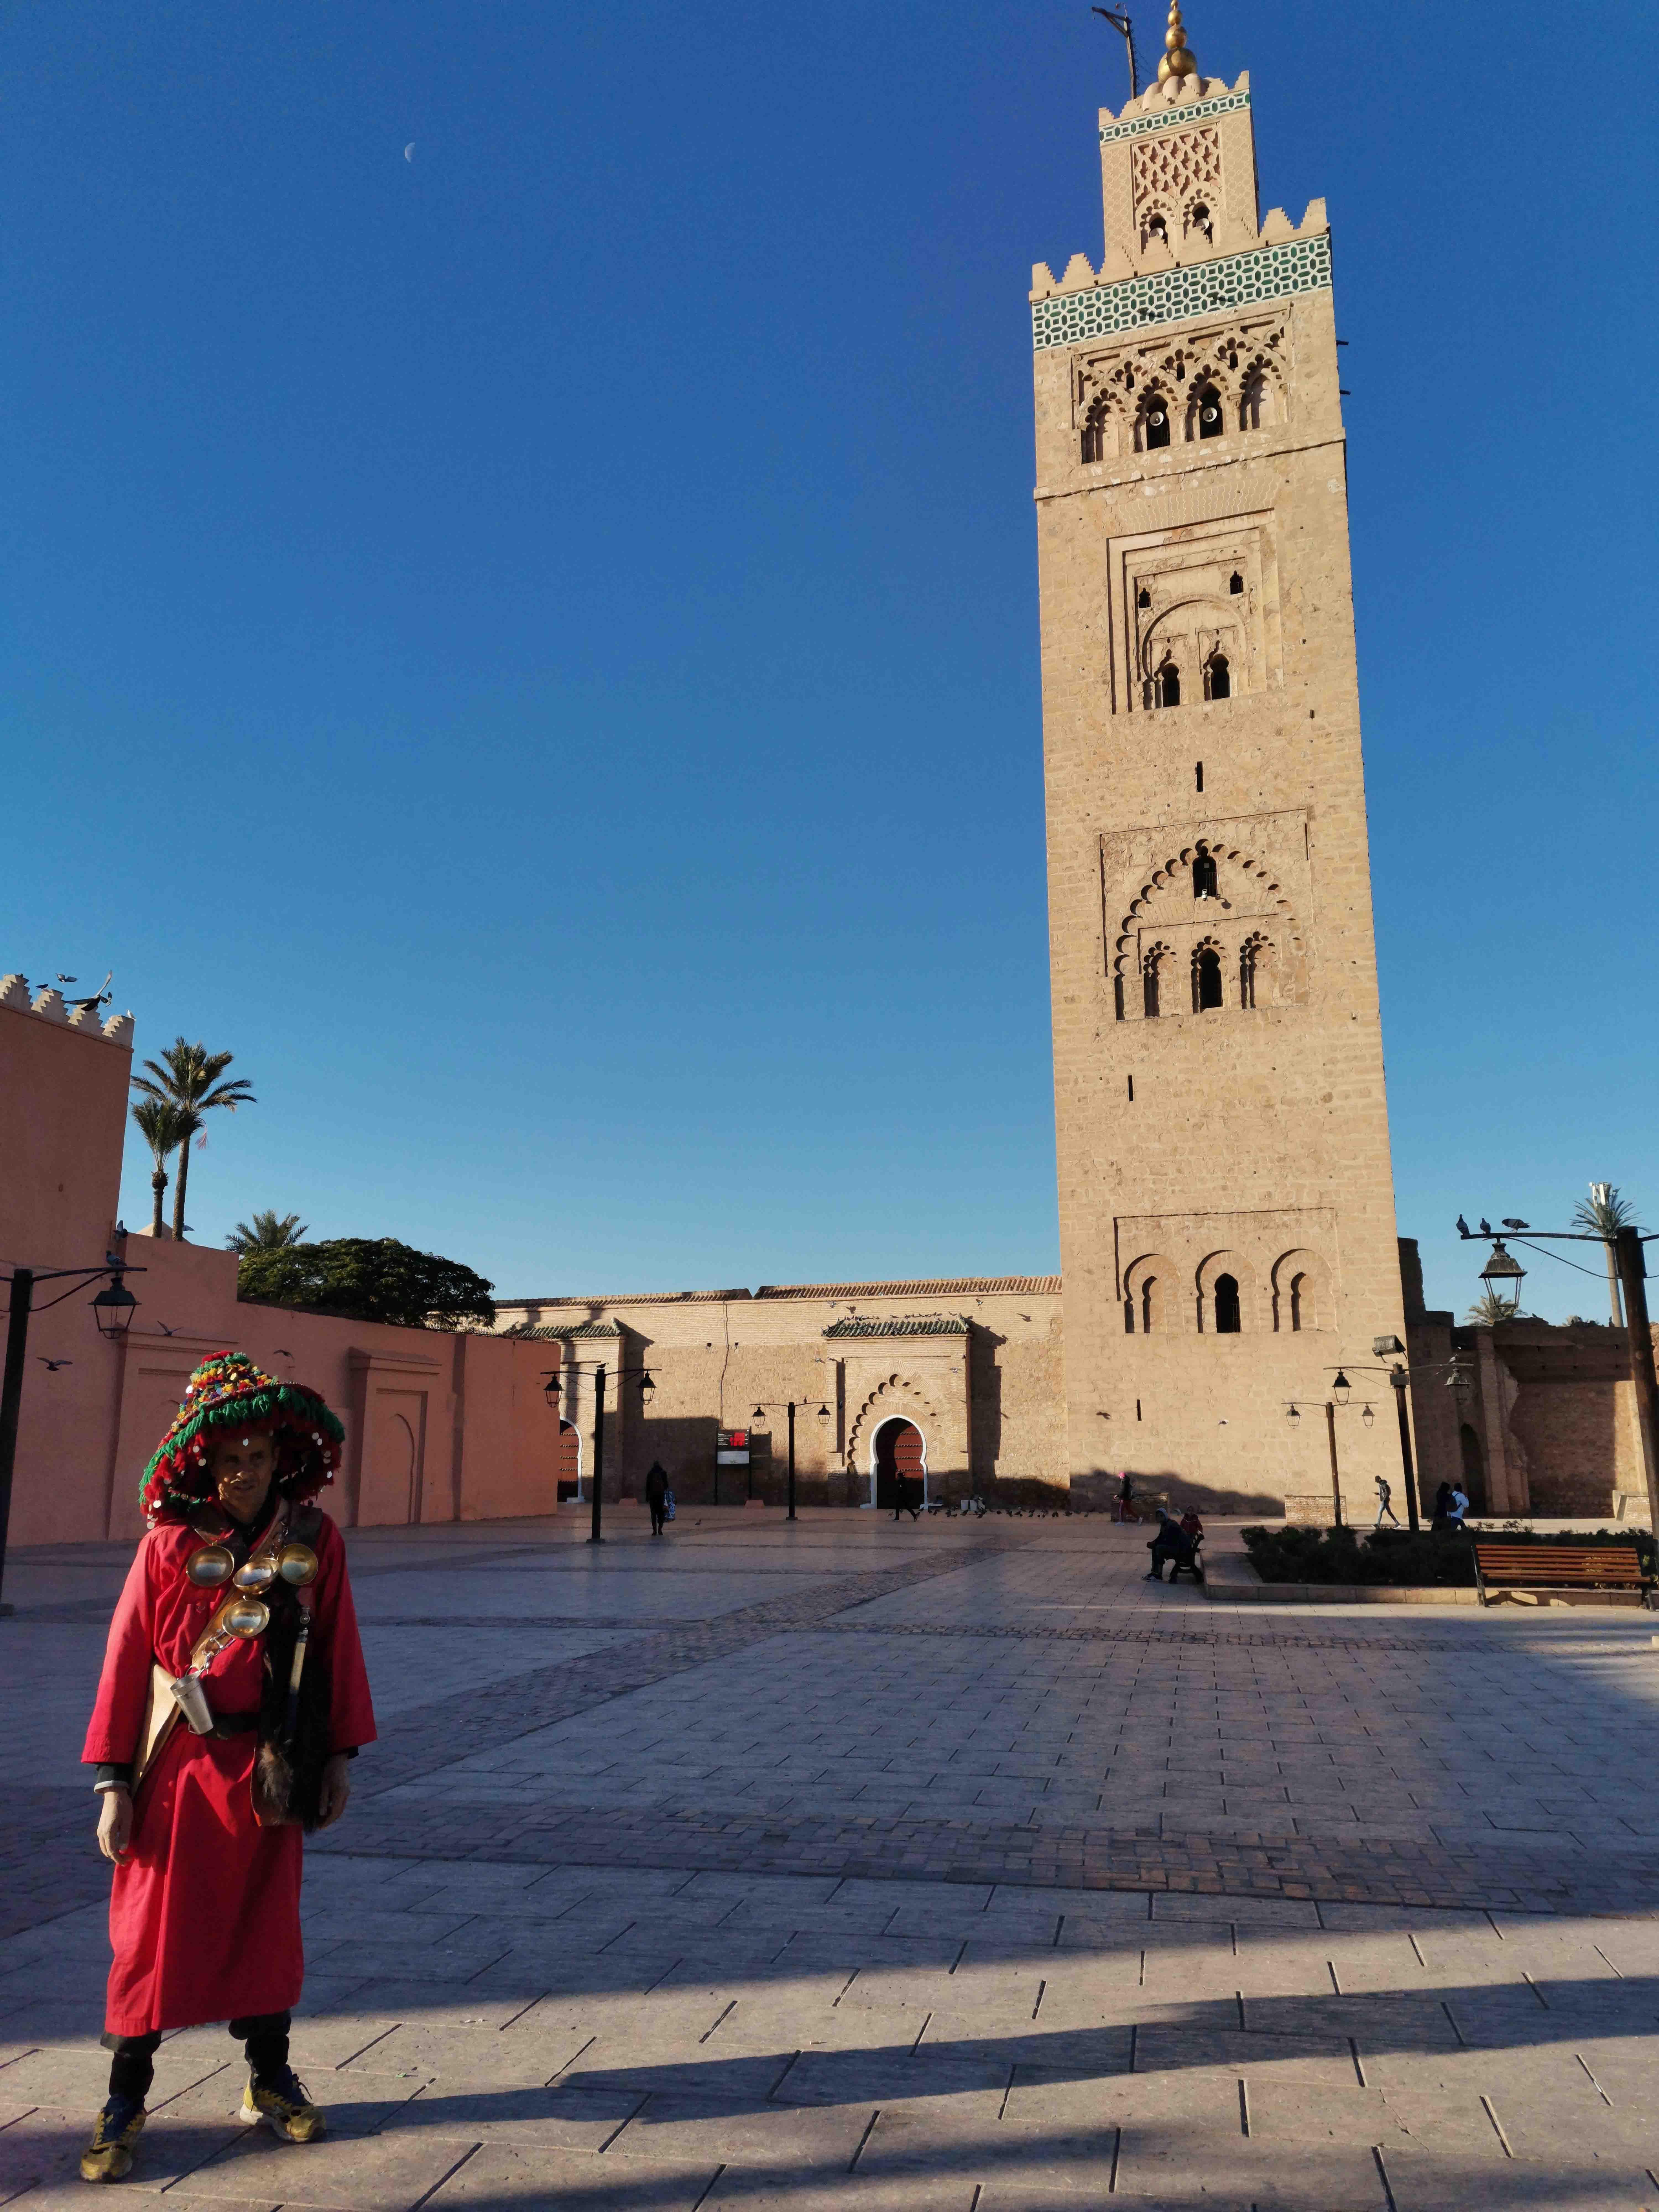 mezquita-Koutoubia-Marrakech